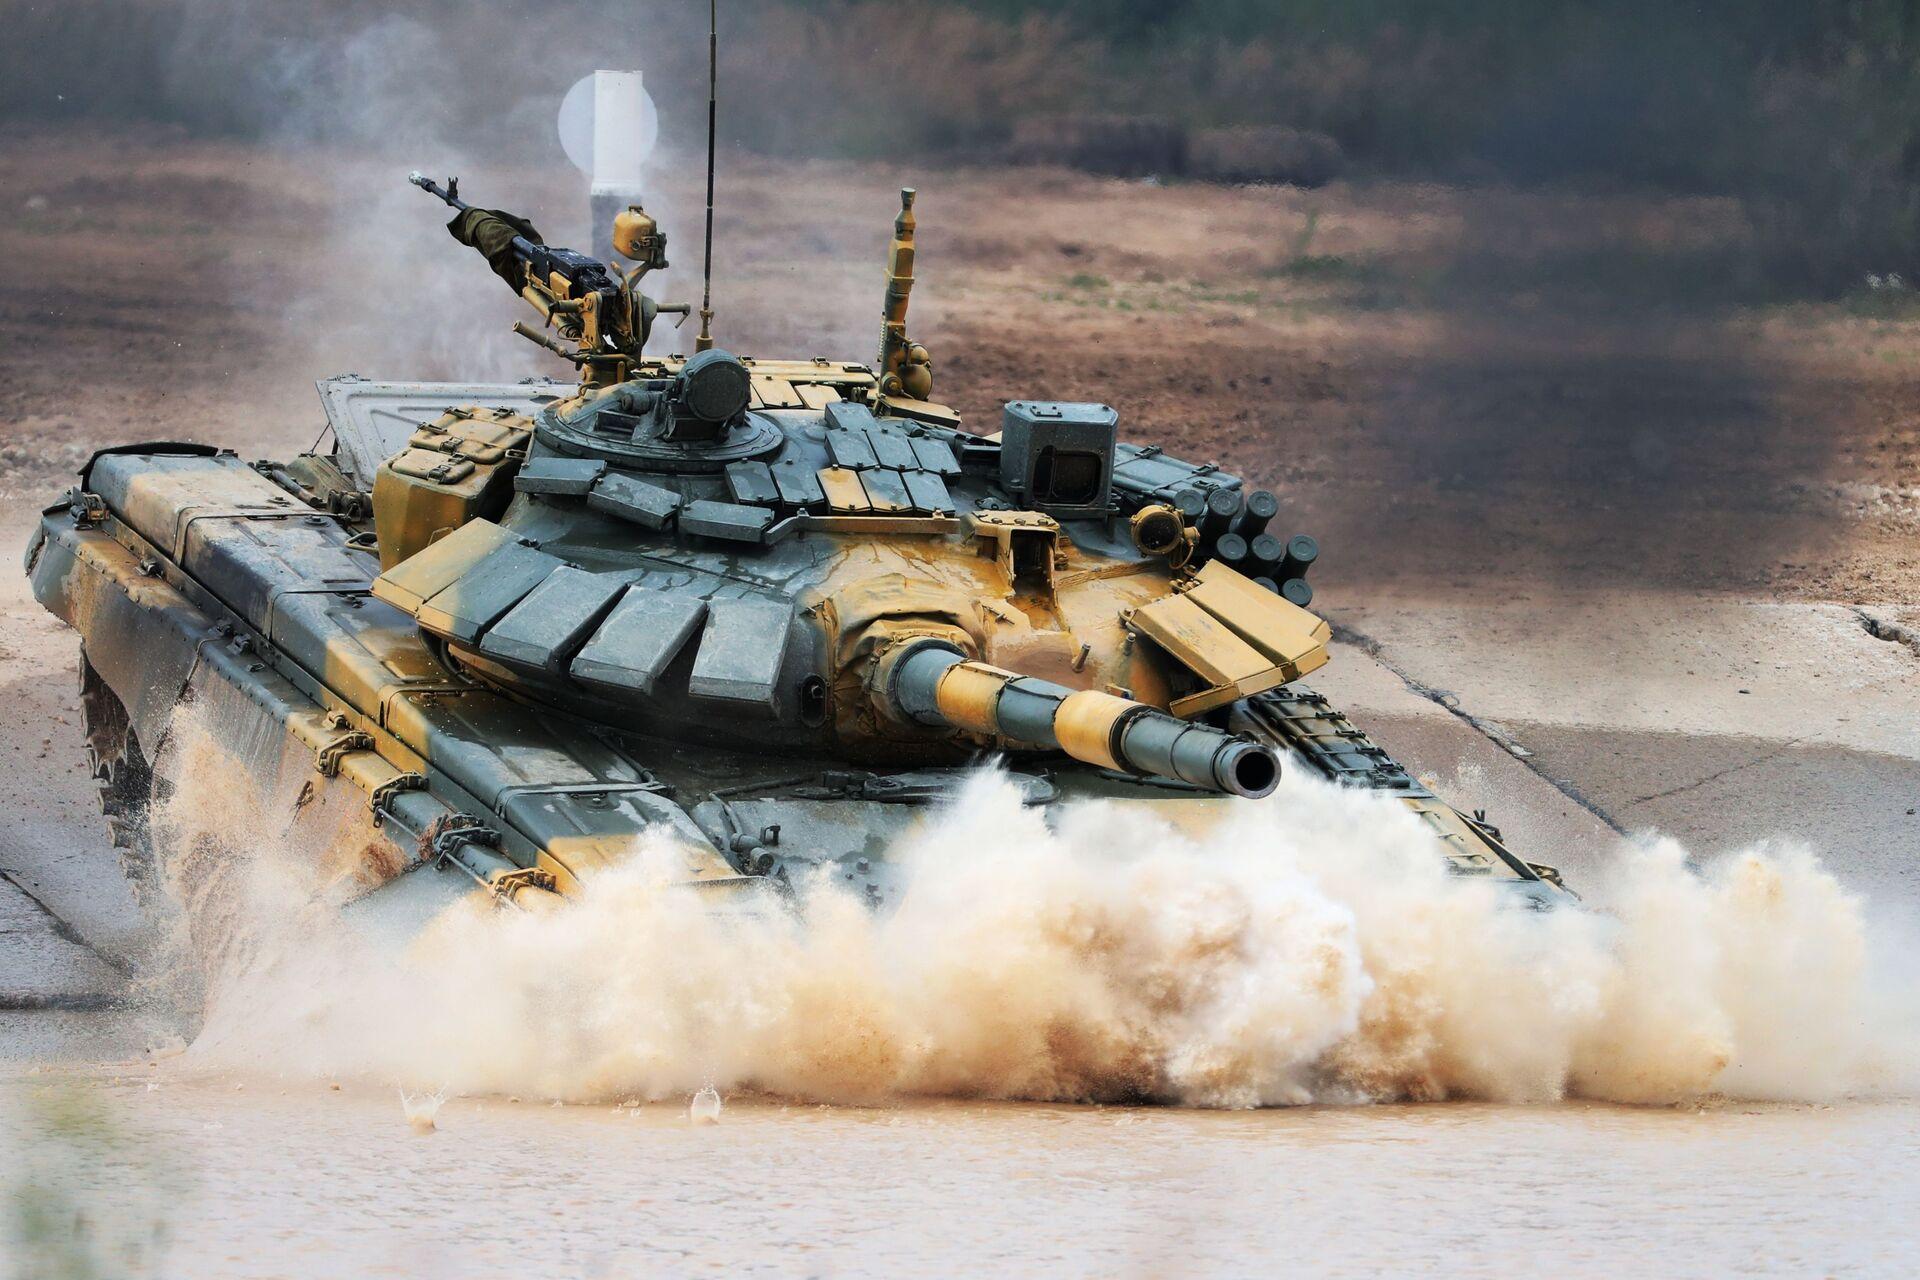 Xe tăng T-72 của đoàn quân nhân Việt Nam trong cuộc thi Tank Biathlon 2020. - Sputnik Việt Nam, 1920, 05.10.2021